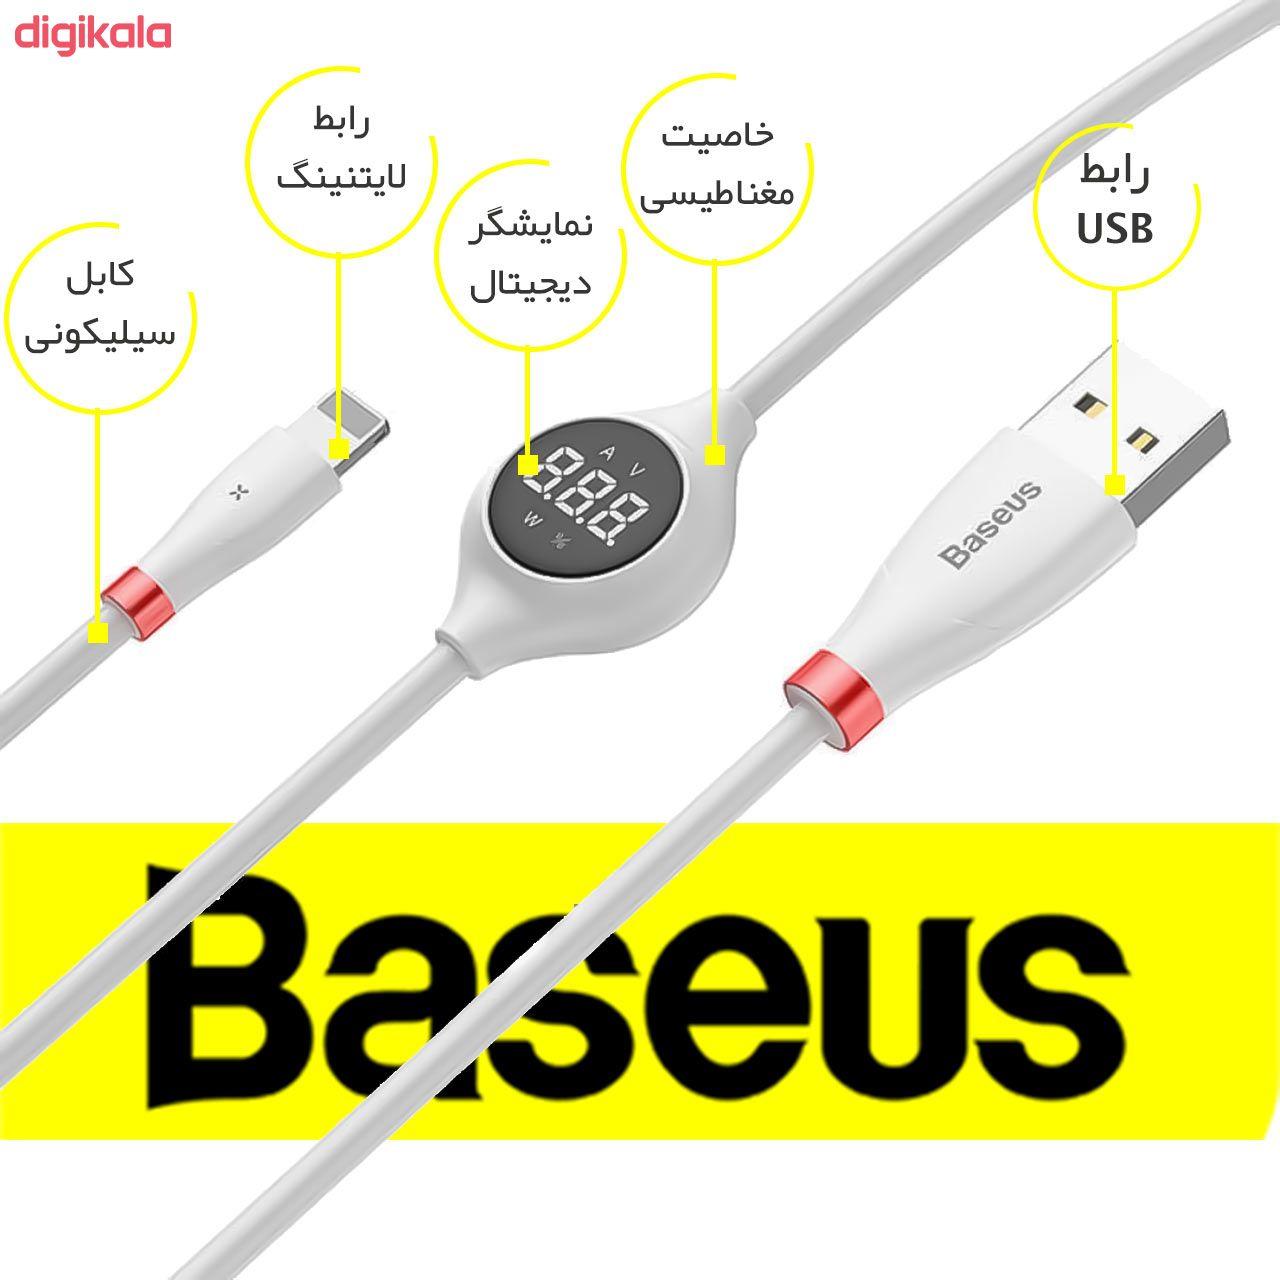 کابل تبدیل USB به لایتنینگ باسئوس مدل CALEYE طول 1.2 متر main 1 1